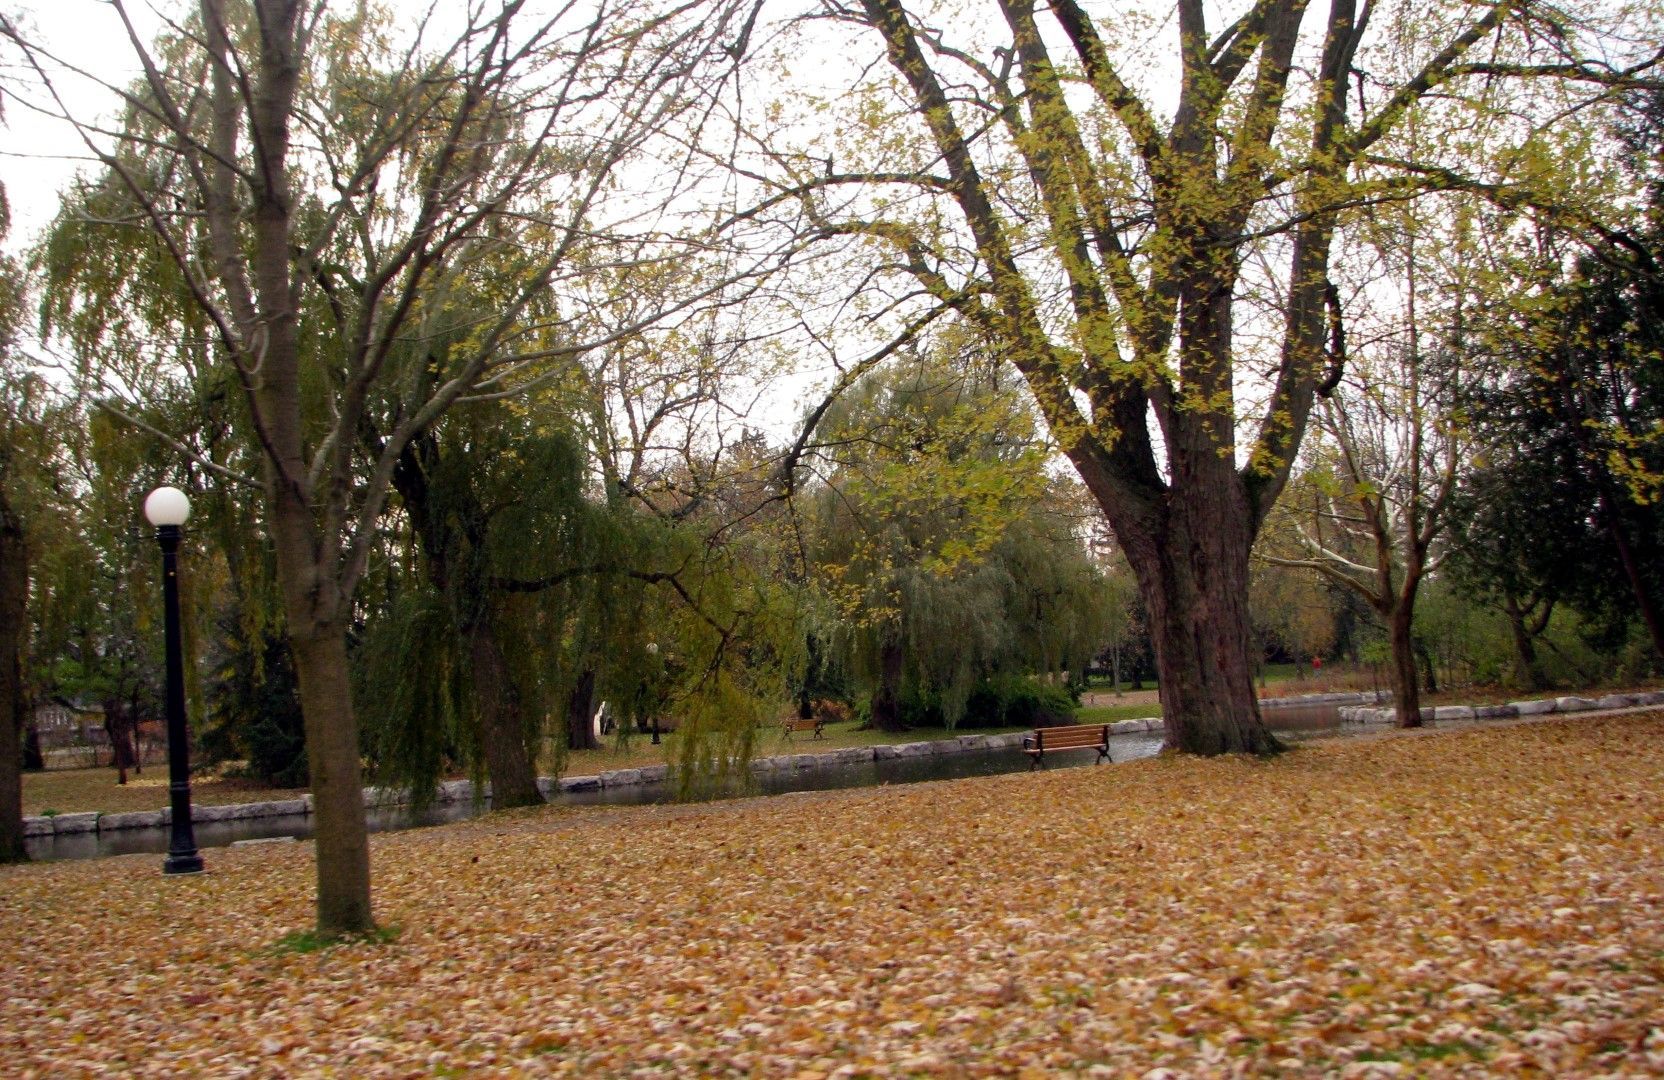 Victoria Park in Kitchener, ON.